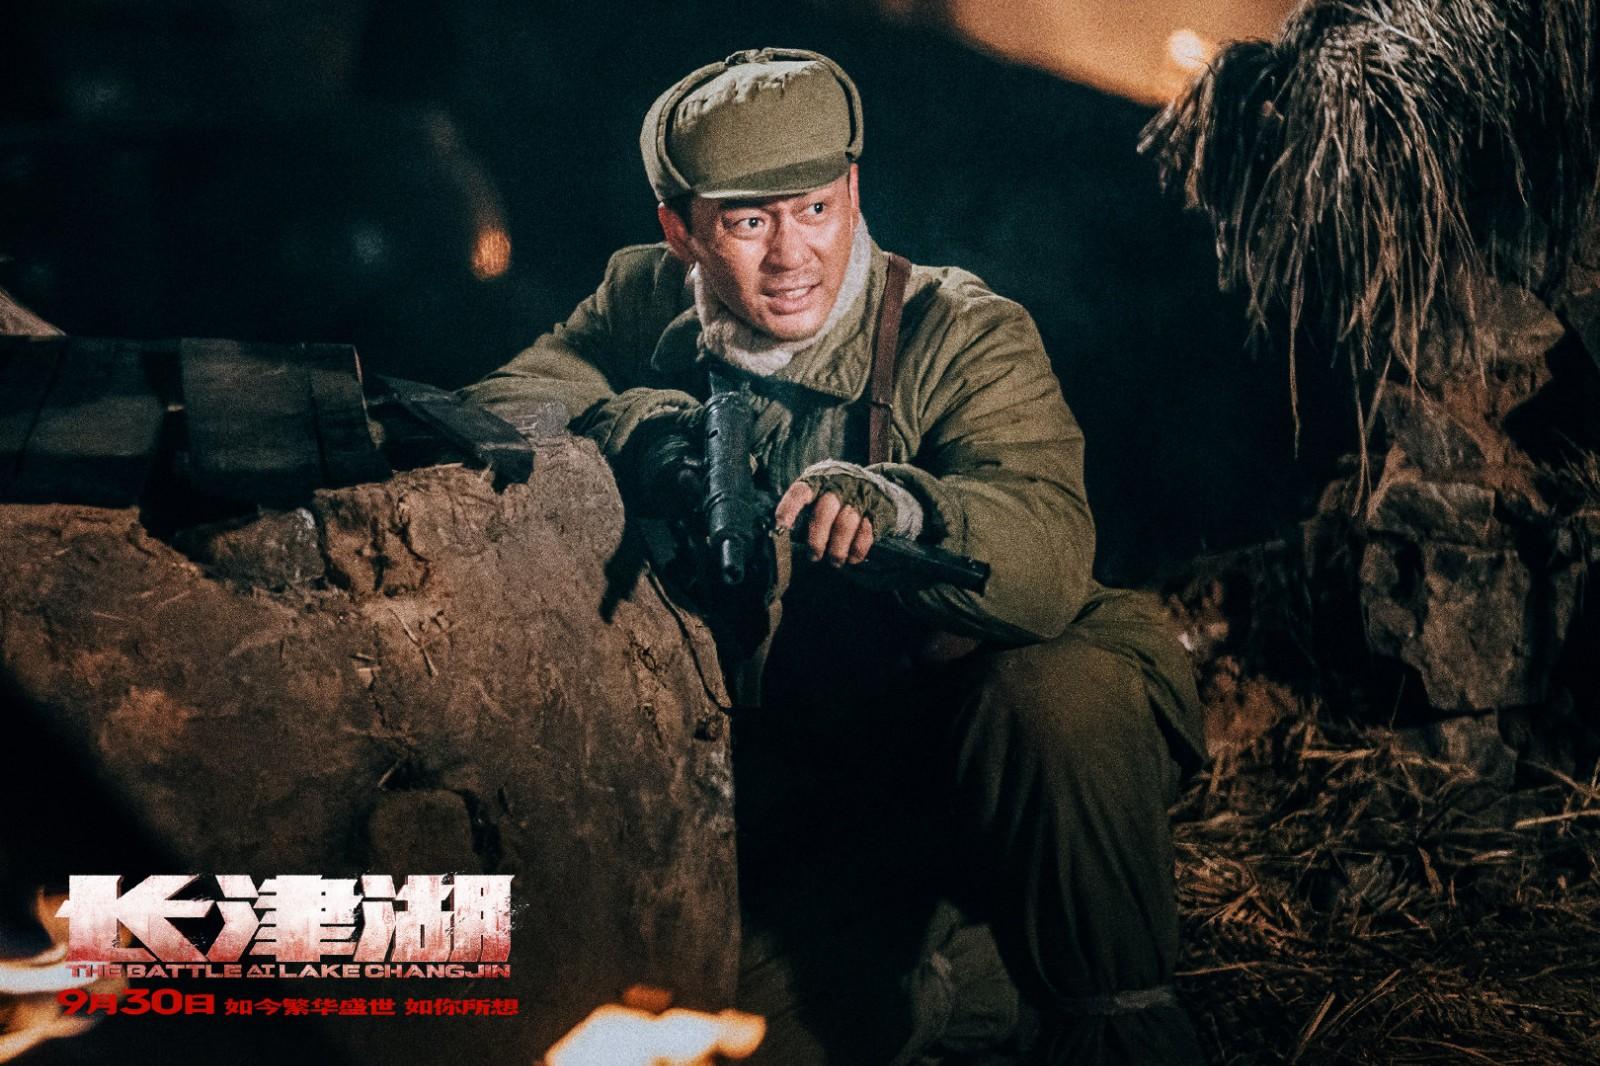 """《长津湖》发布""""步兵之王""""特辑&新剧照 9月30日全国上映"""